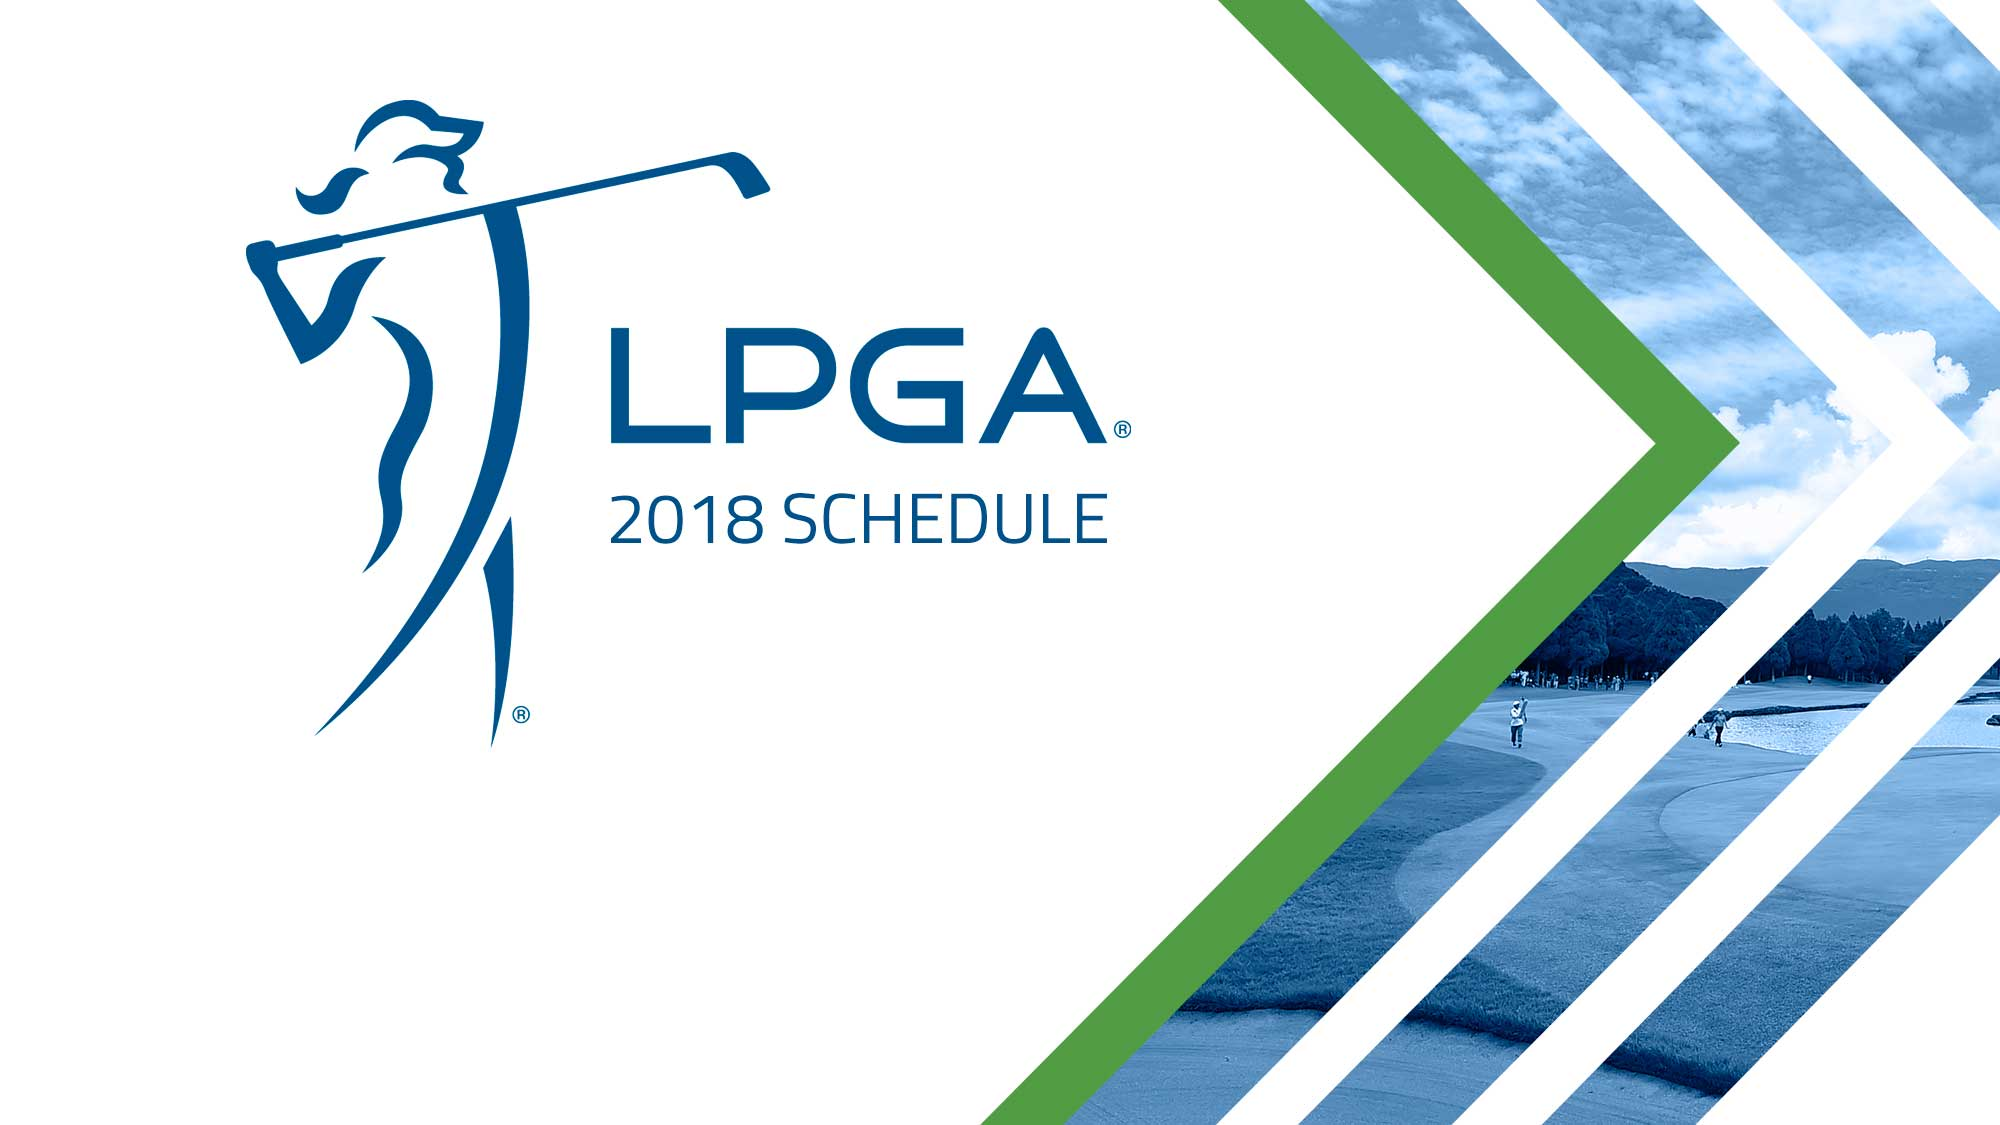 lpga announces 2018 season schedule